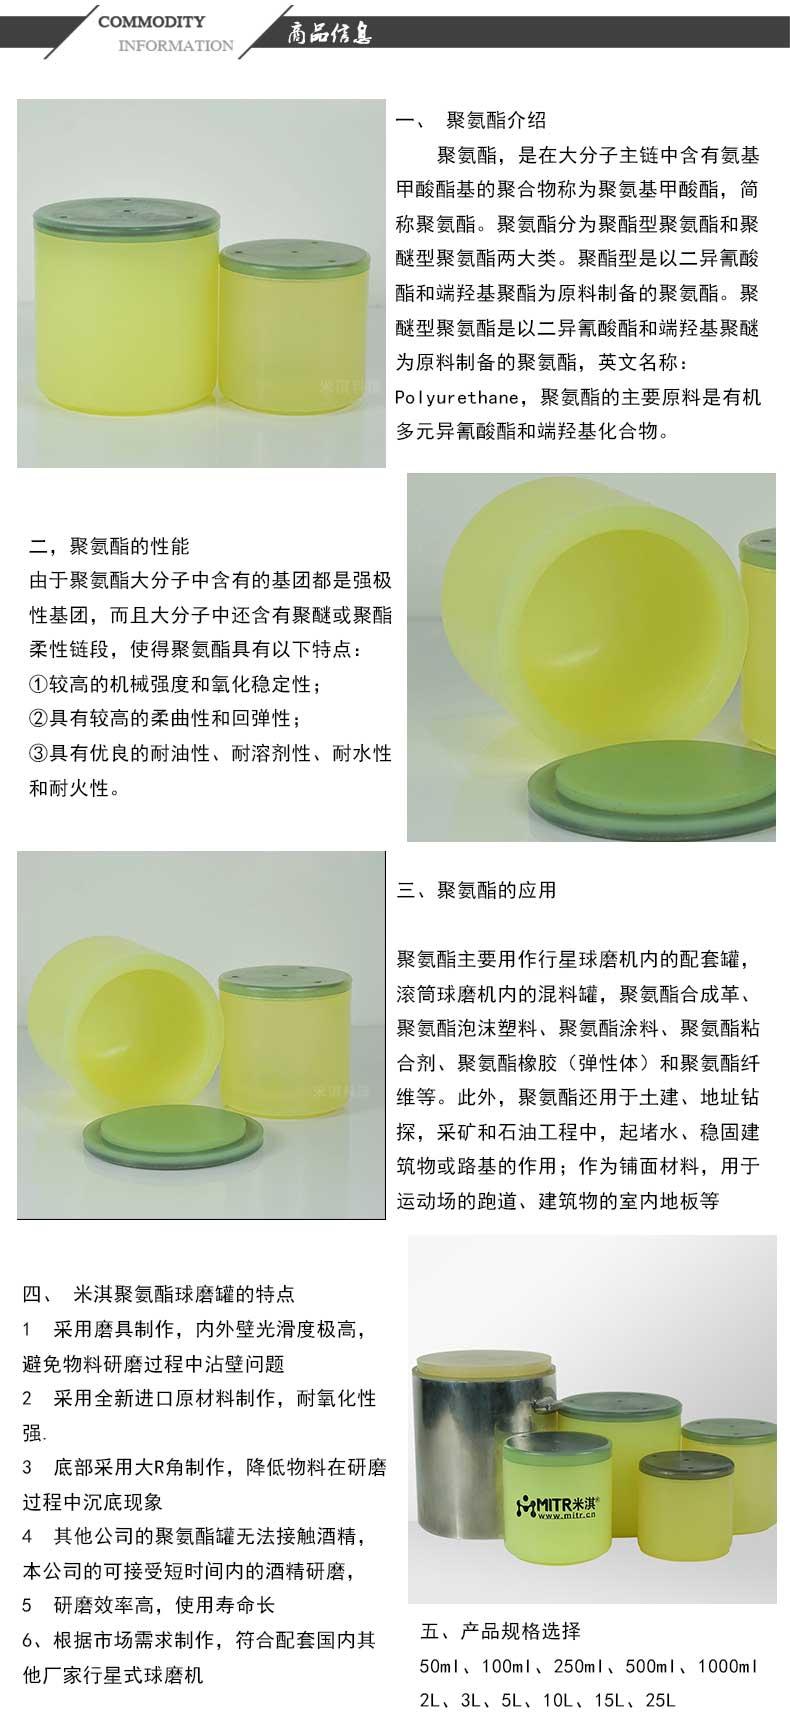 立式聚氨酯球磨罐产品信息 材质介绍 性能分析